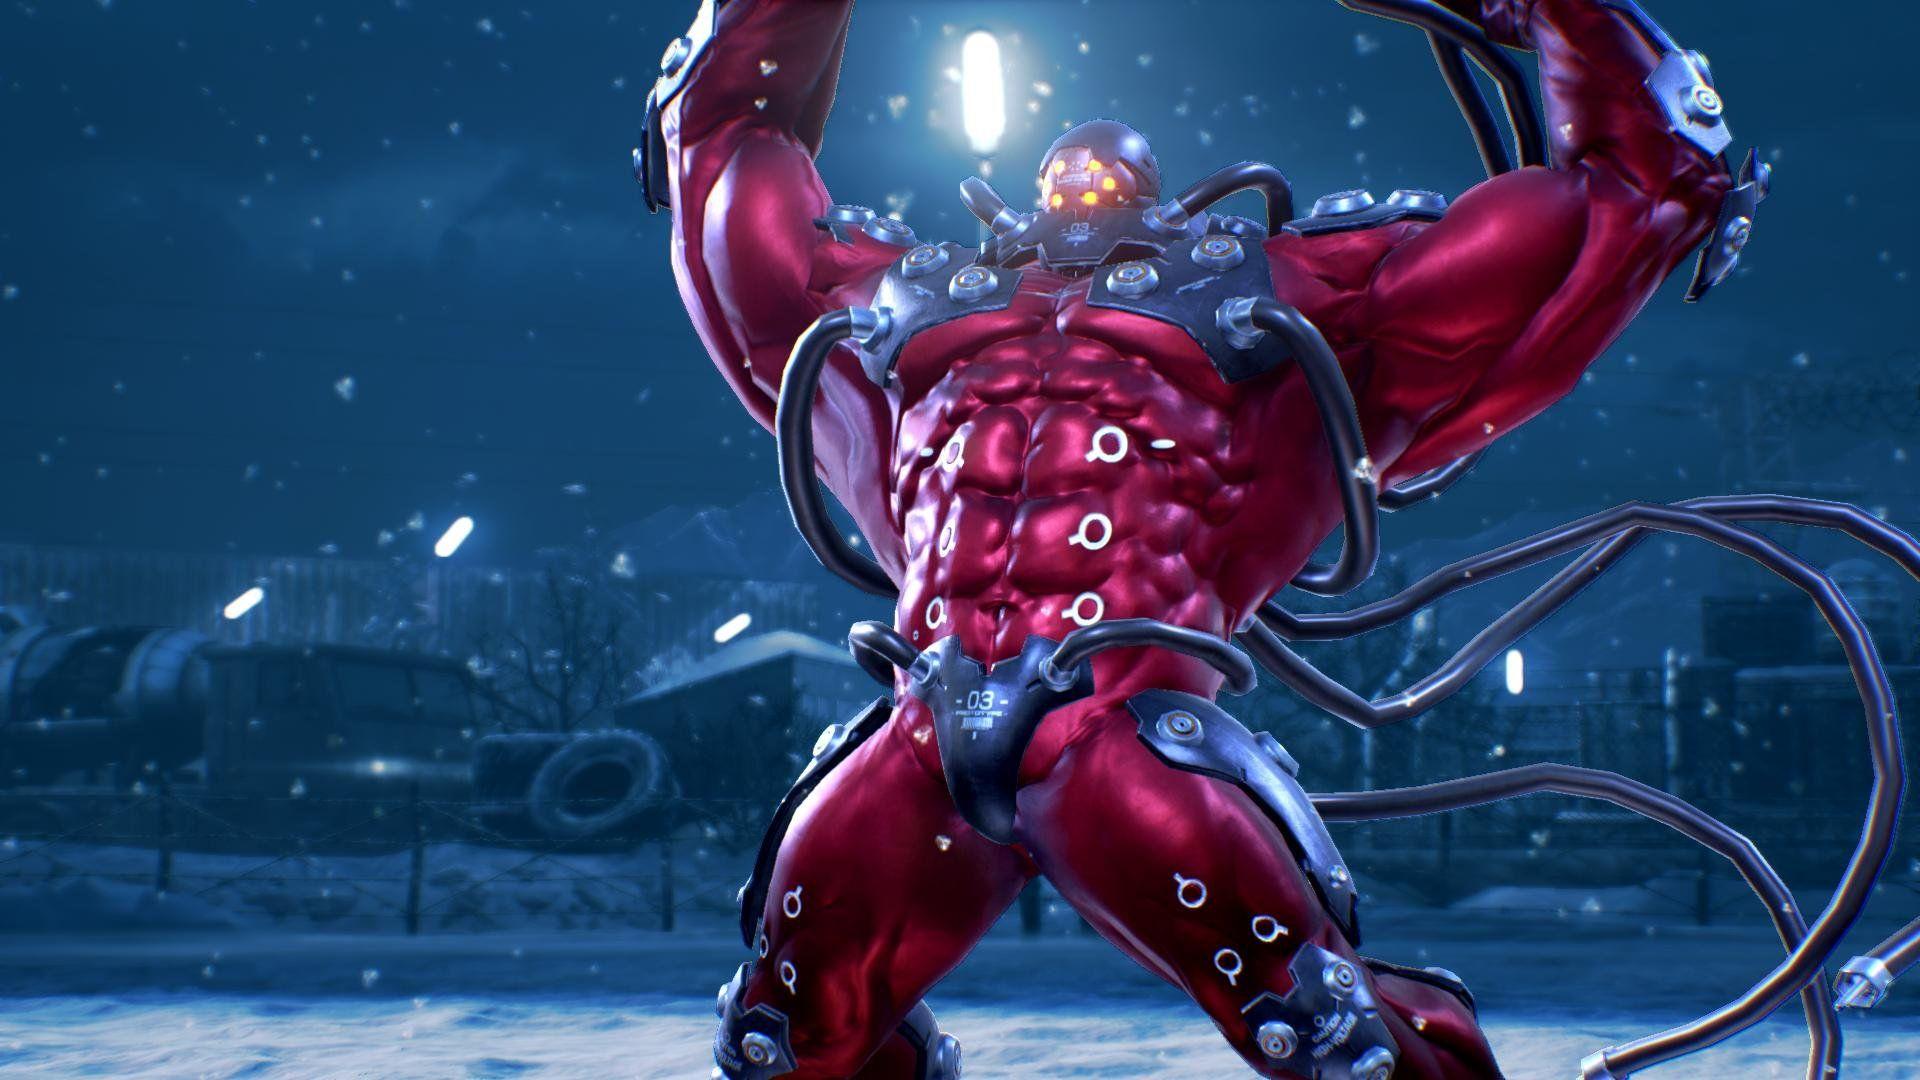 Gigas-Tekken-Gametips